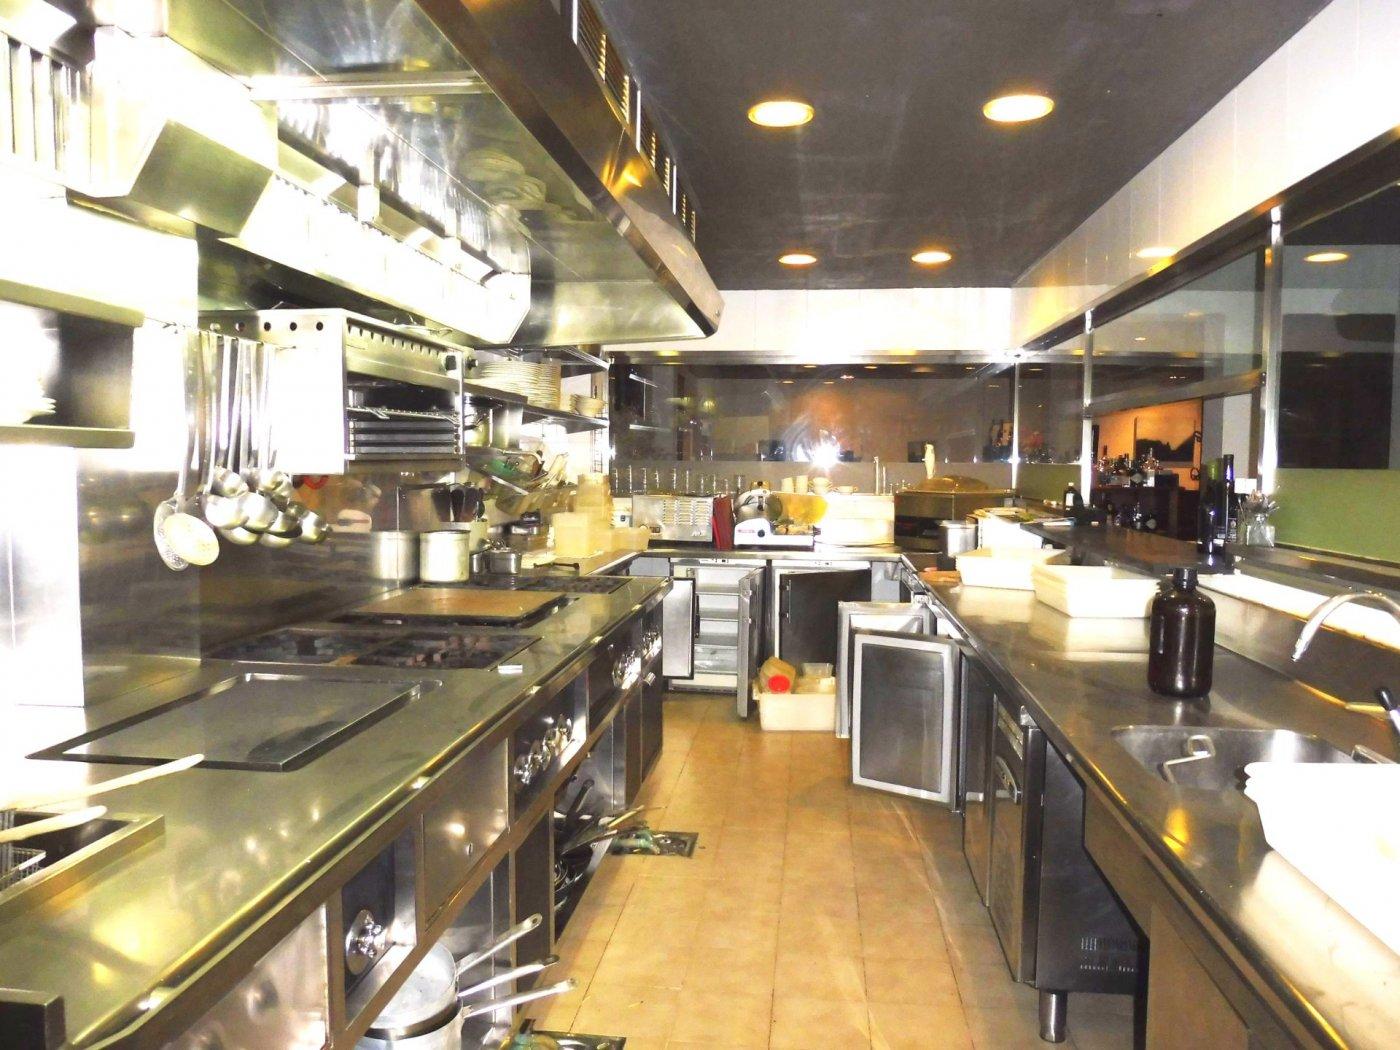 Local restaurante totalmente instalado en posada. - imagenInmueble2